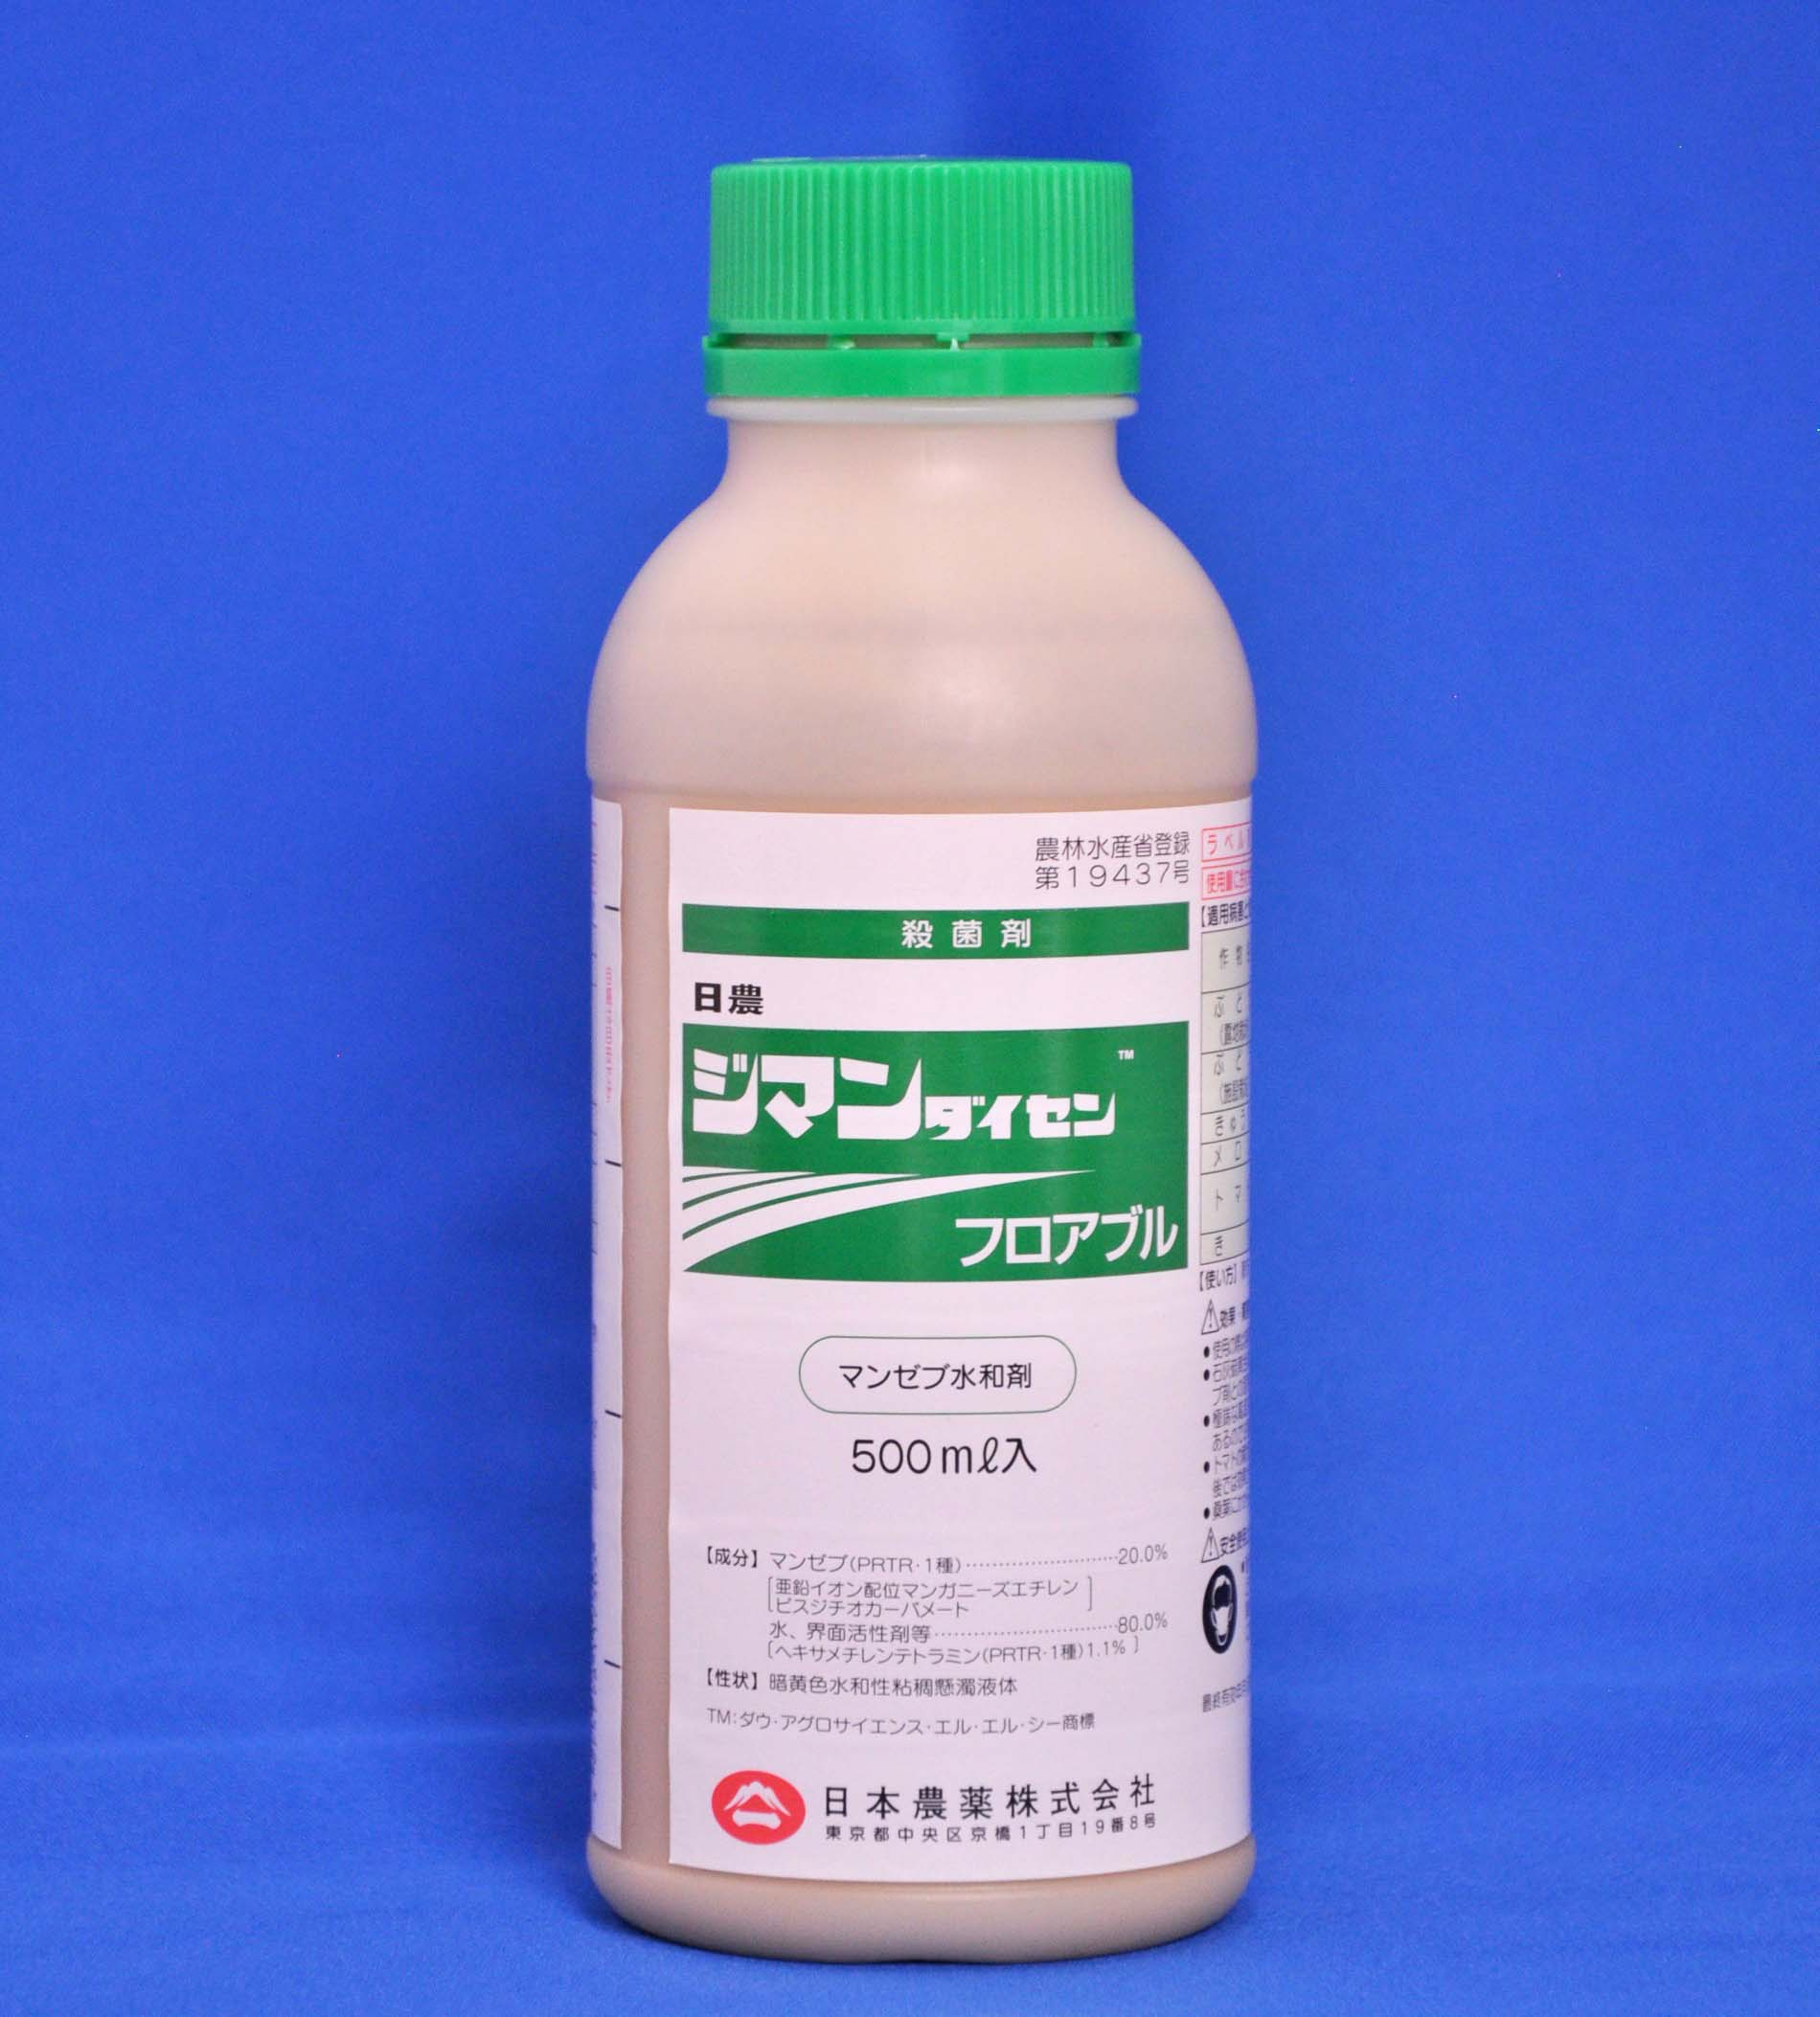 汚れの少ないフロアブル製剤「ジマンダイセンフロアブル 500ml」